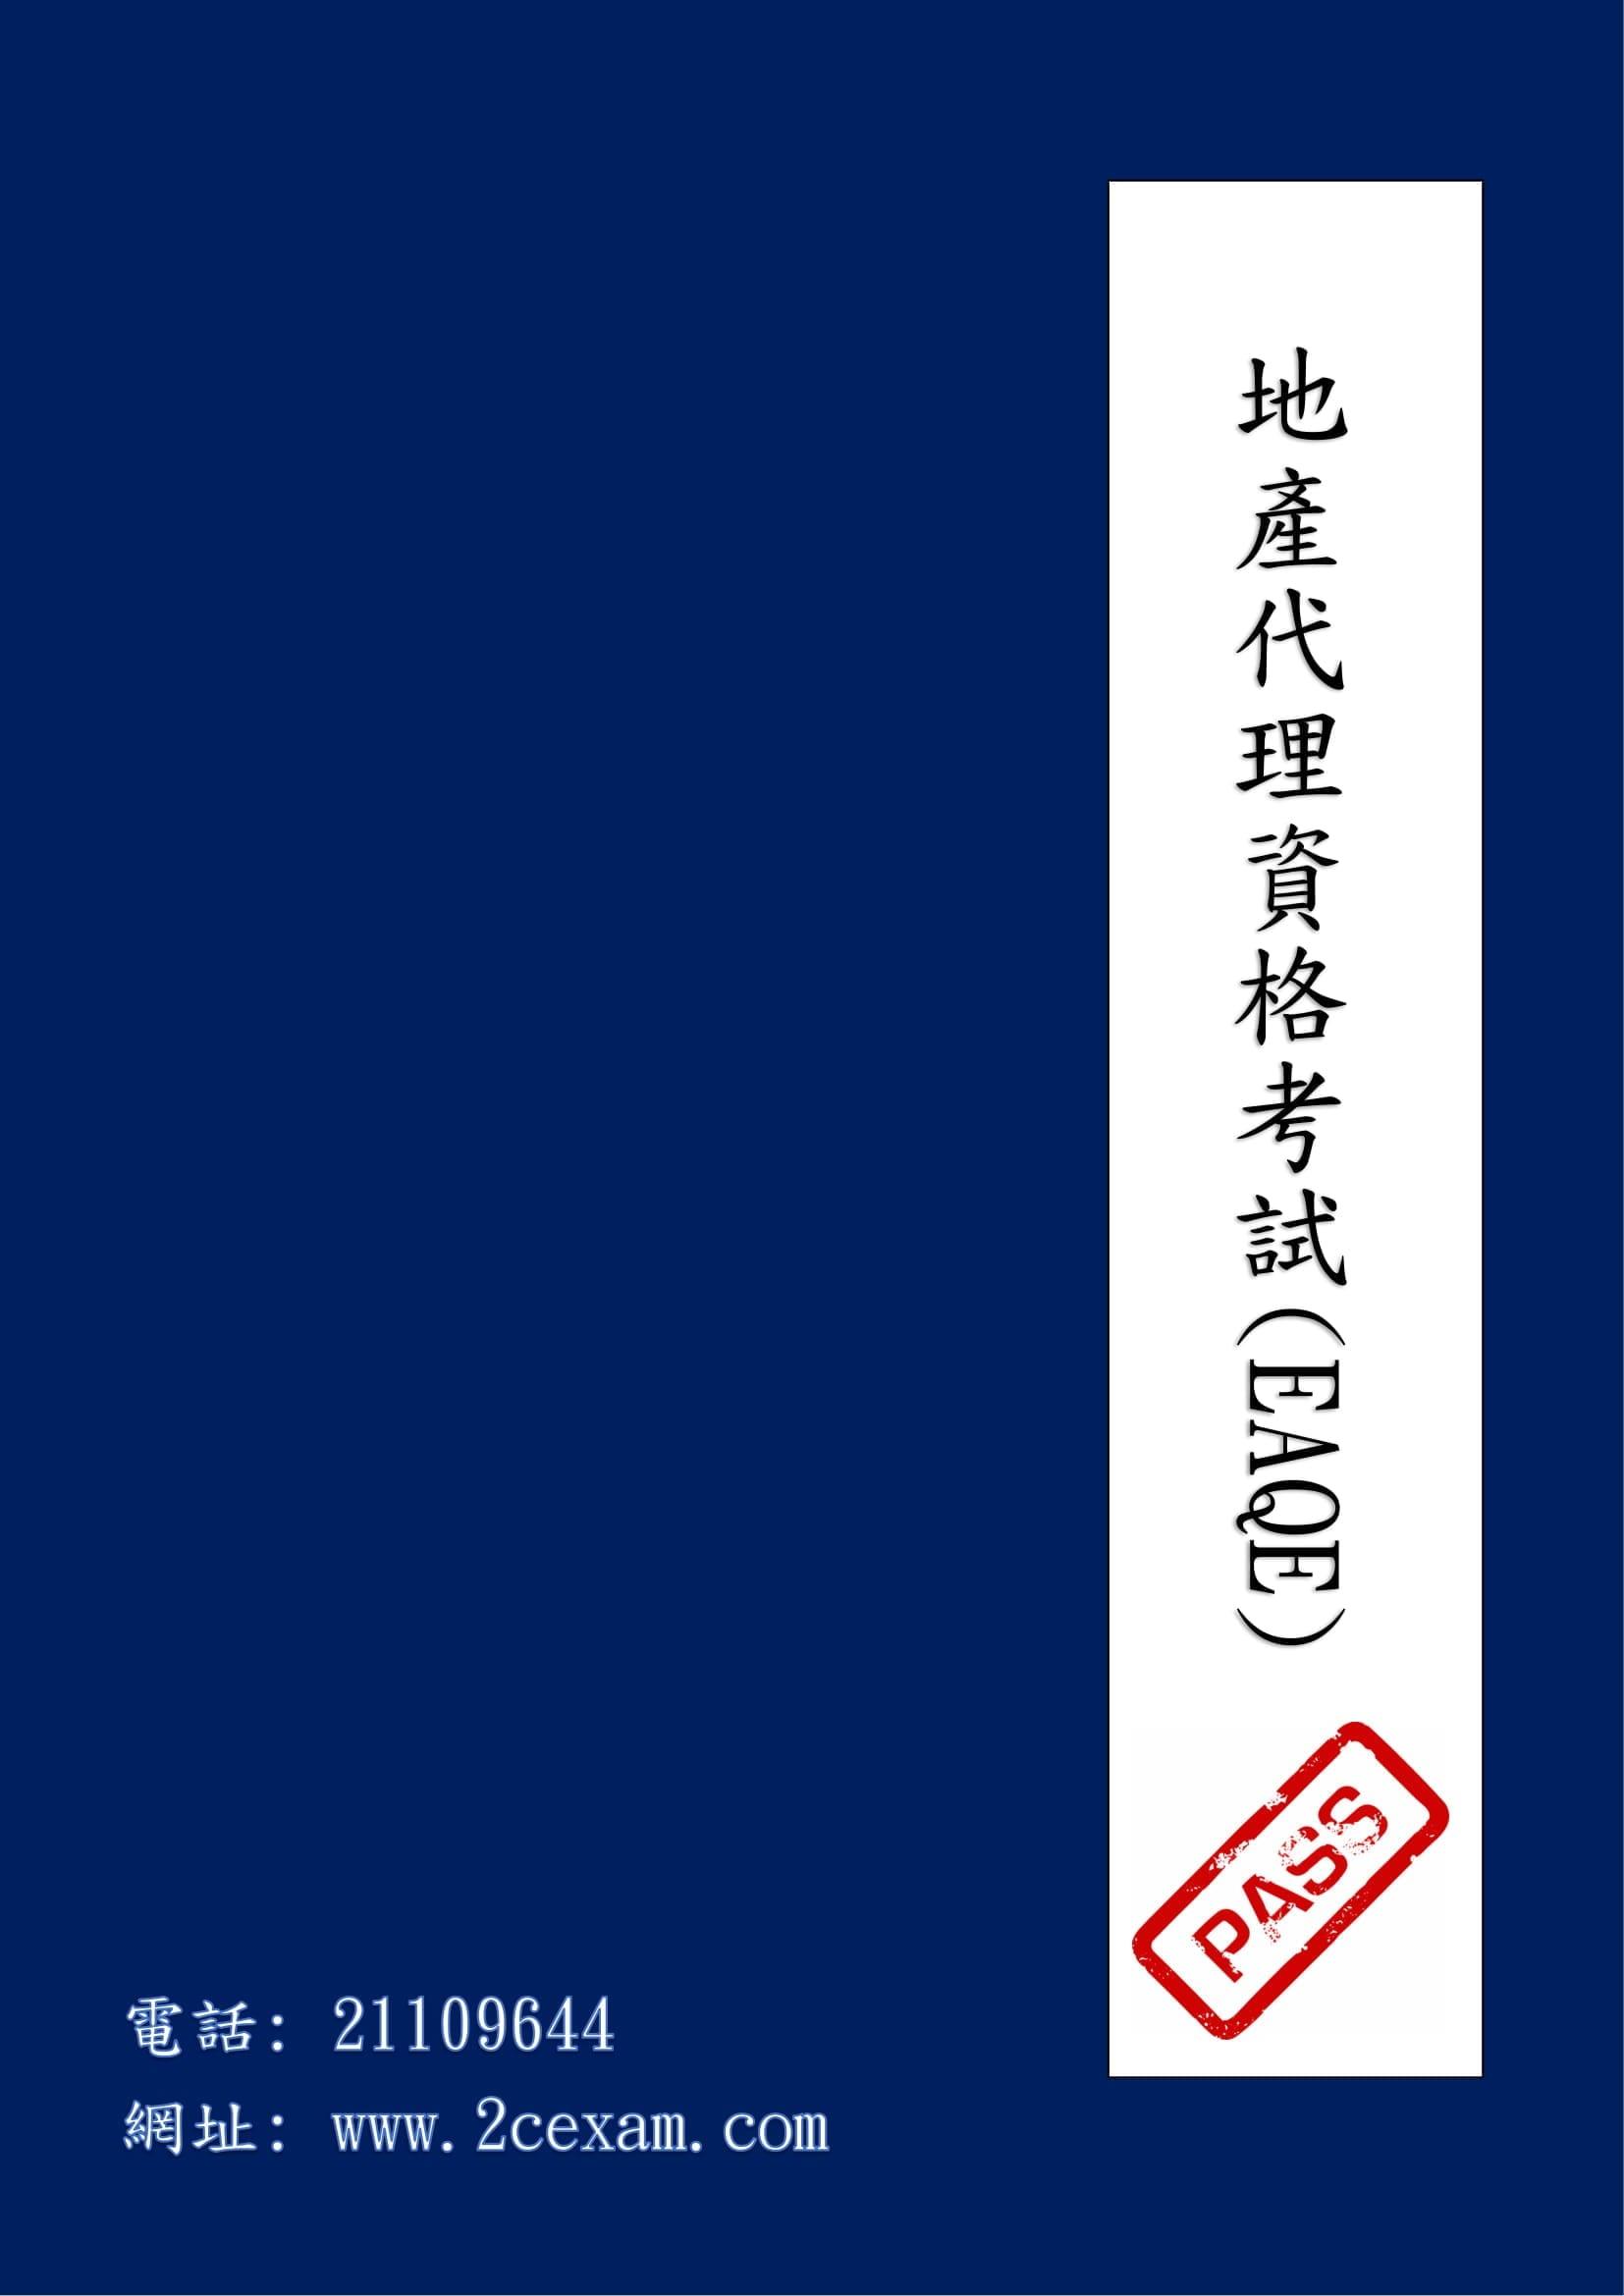 地產代理資格考試(EAQE)天書